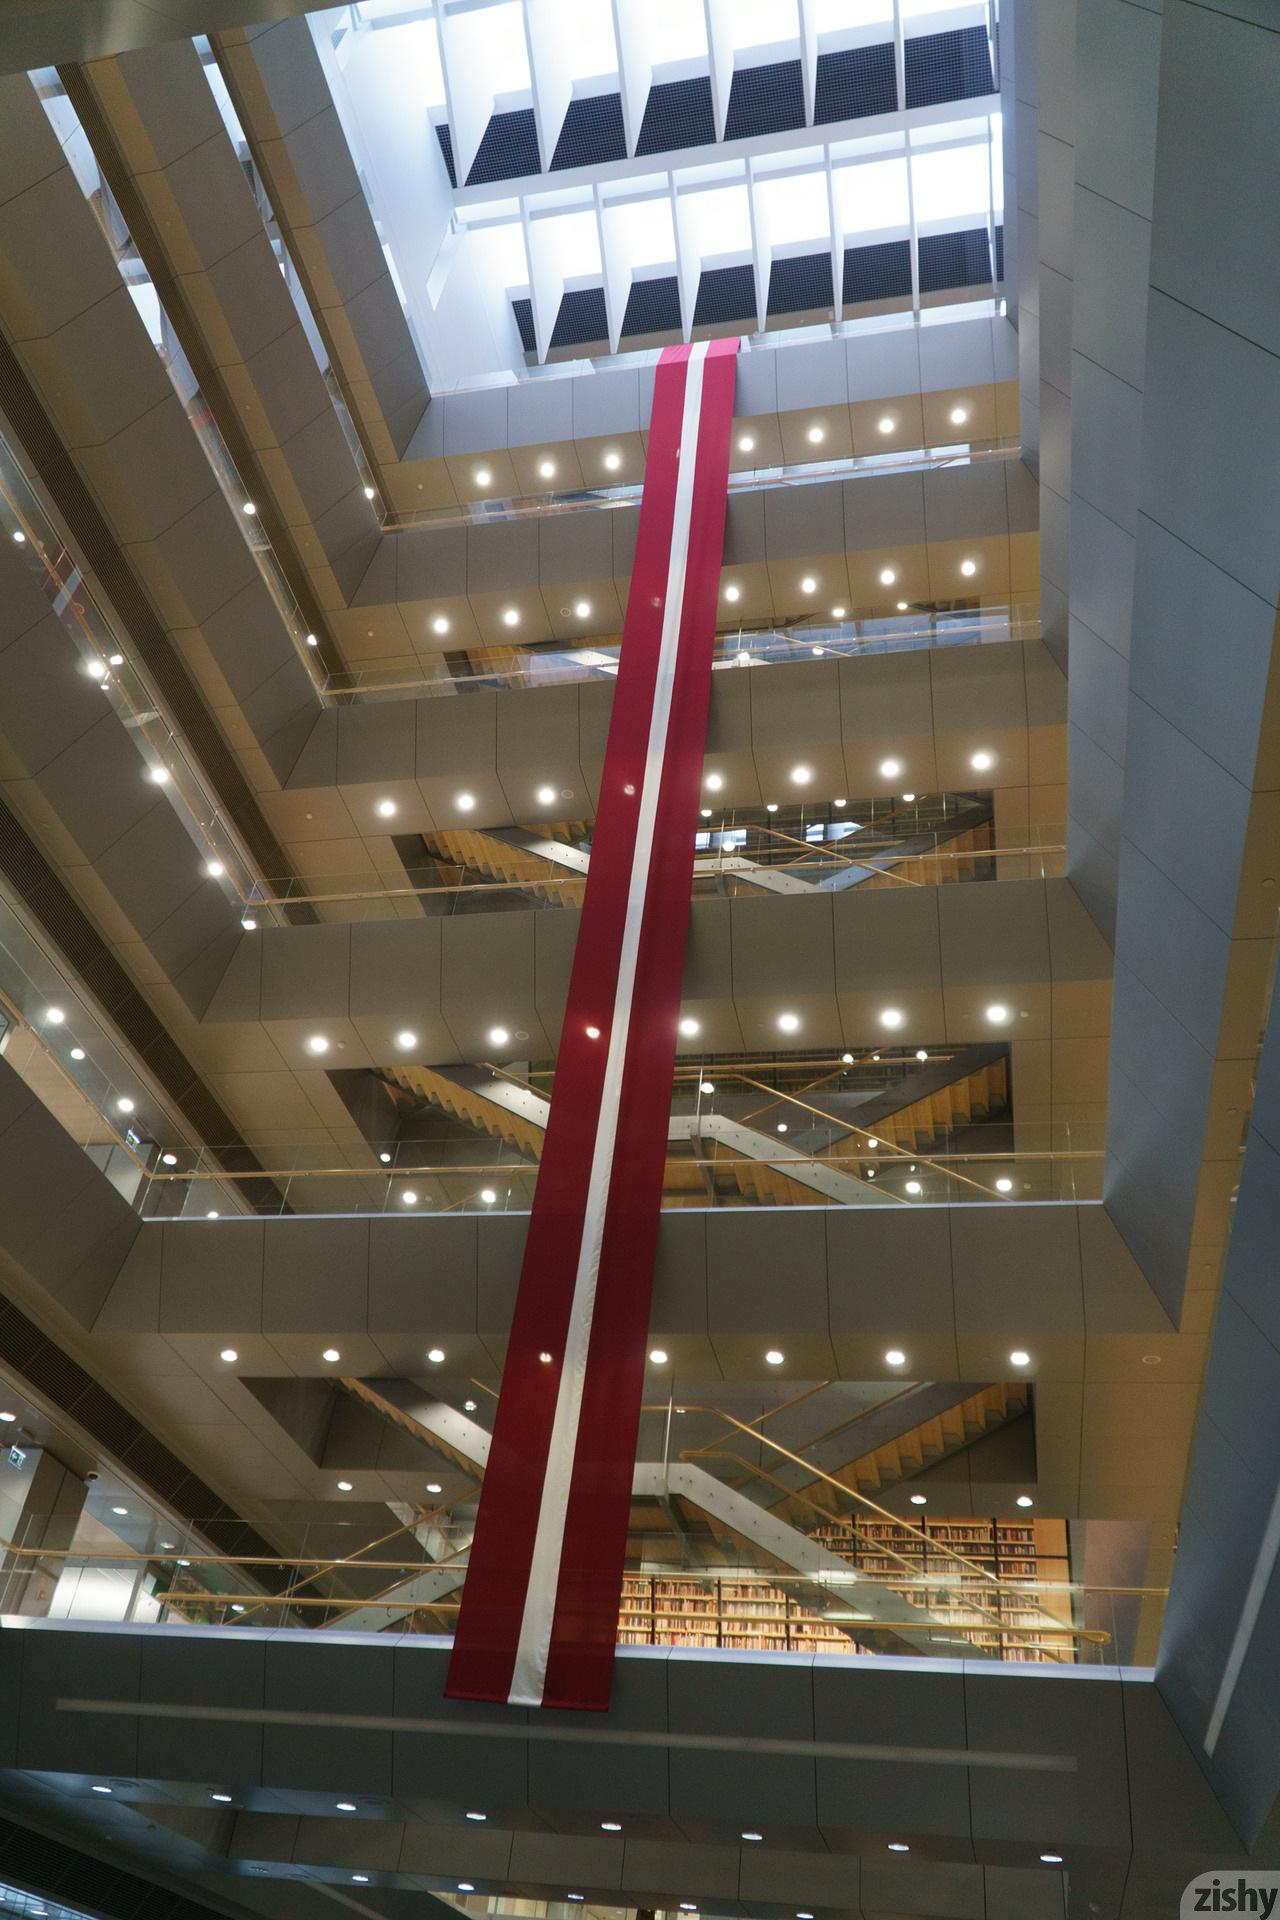 Faina Bona The National Library Zishy (11)